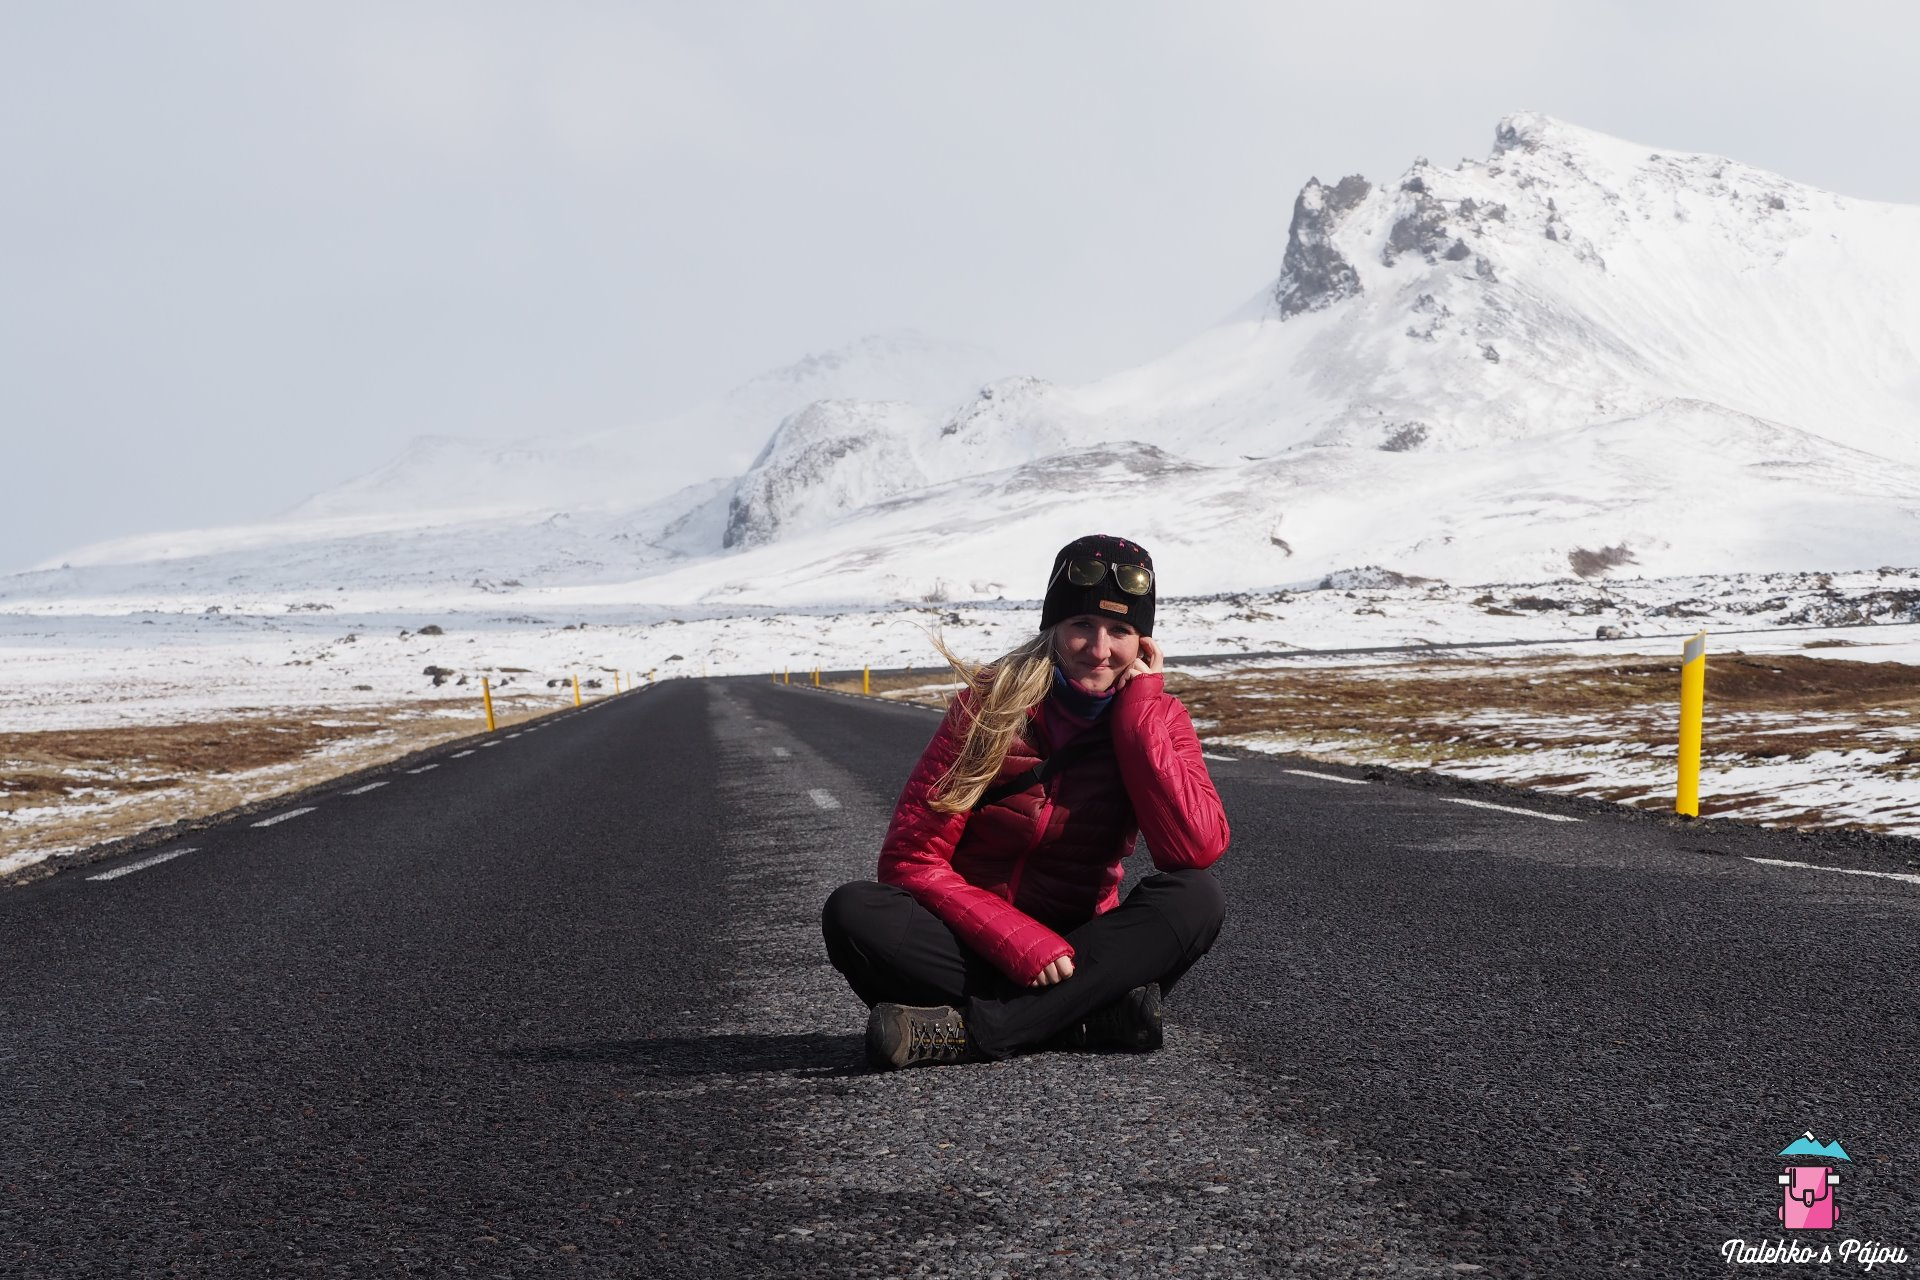 Udělat si fotku na silnici není na Islandu žádný problém